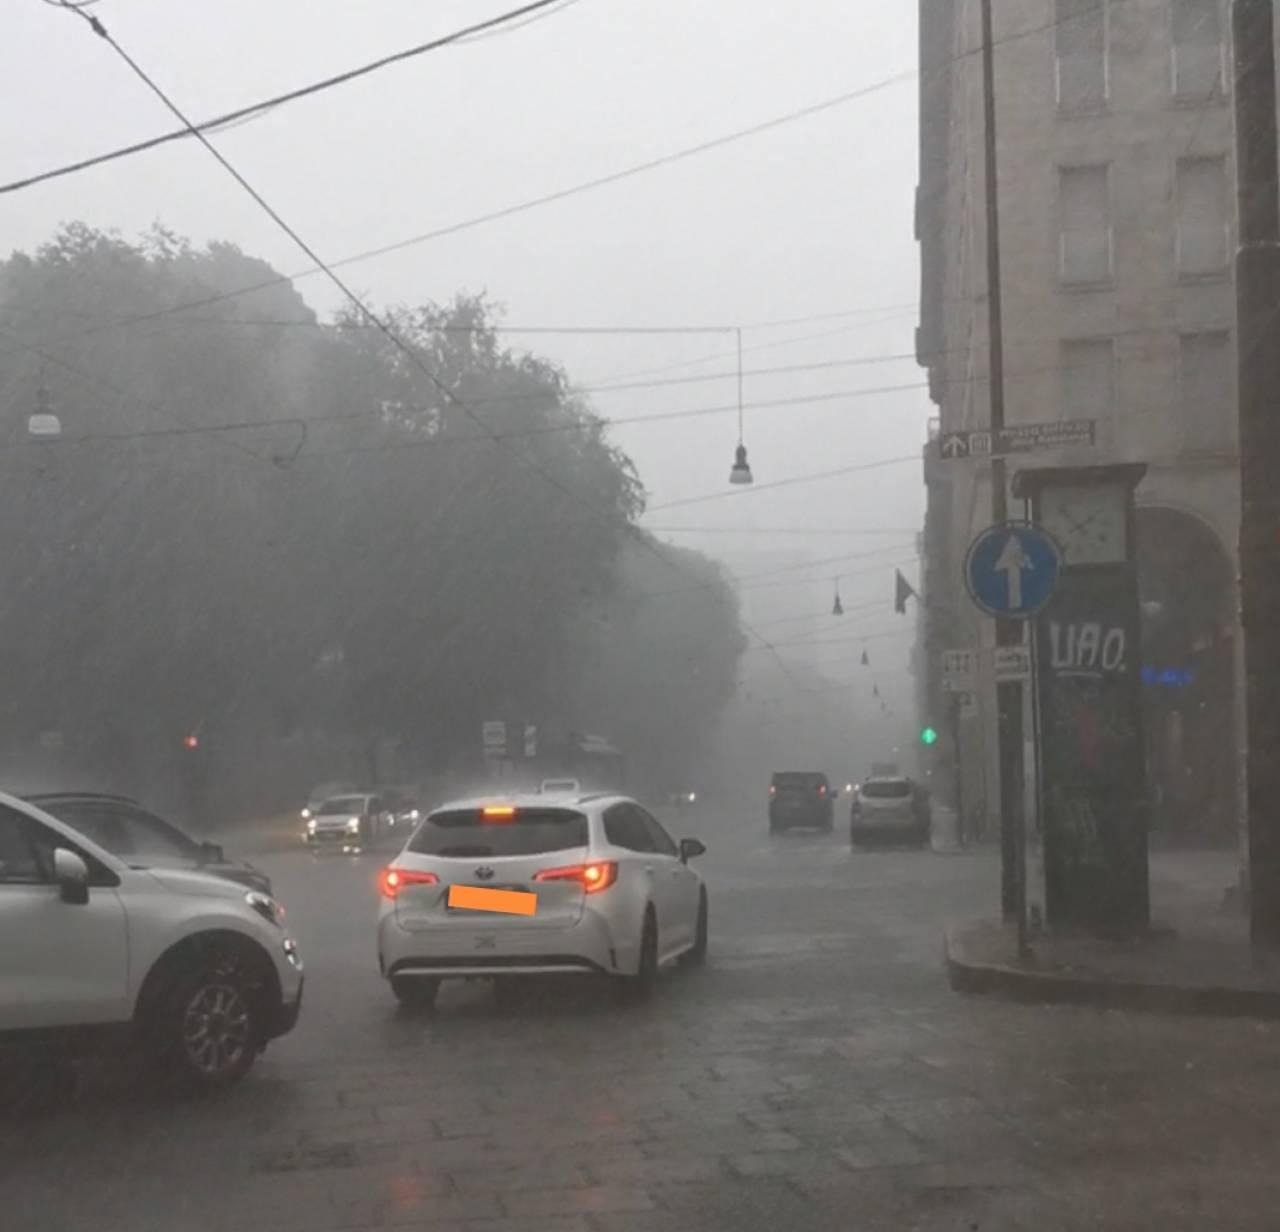 Meteo. Forte temporale martedì pomeriggio a Torino. Il centro città